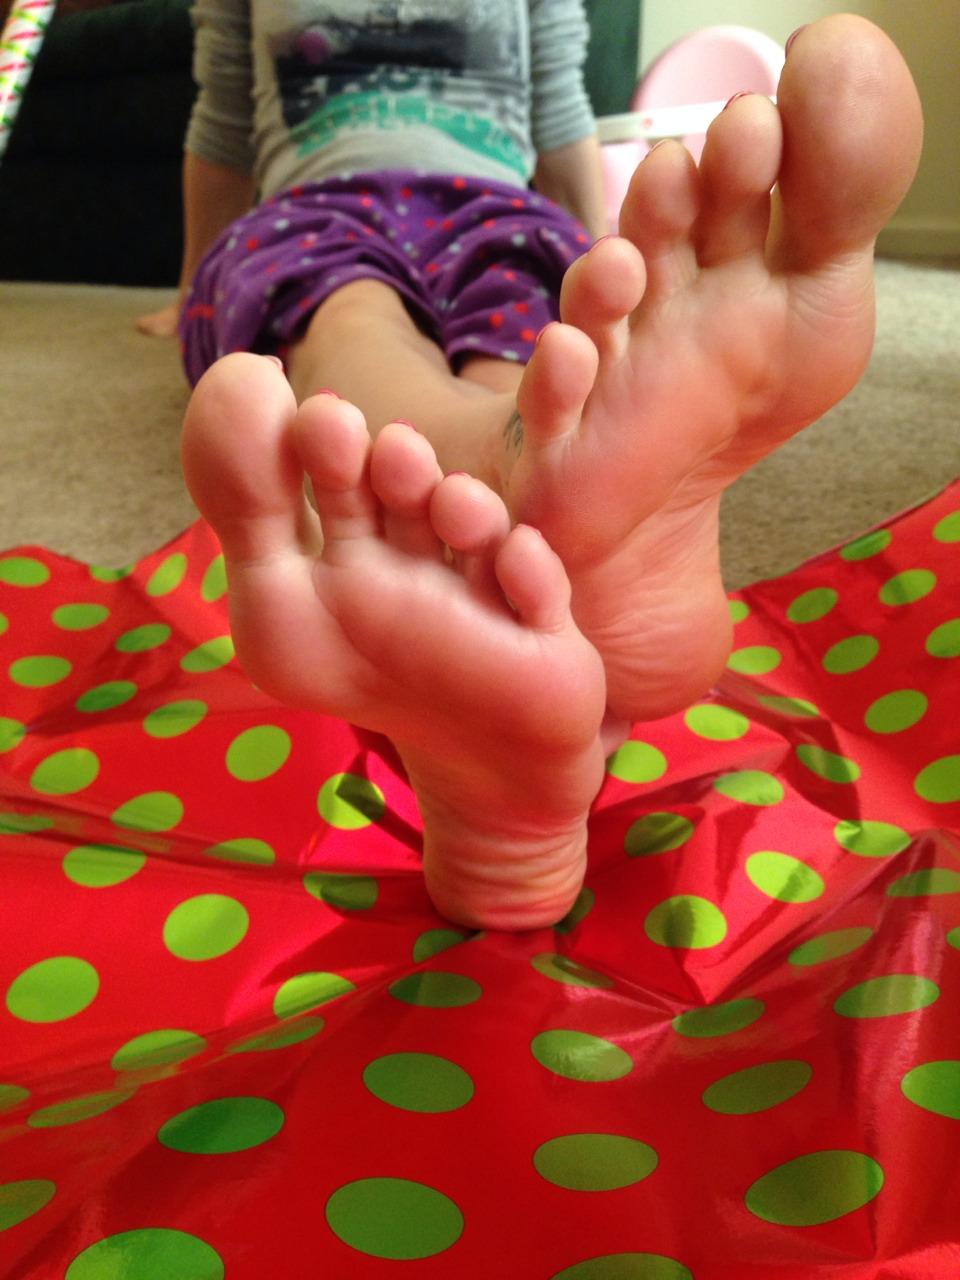 xxx feet porn 14